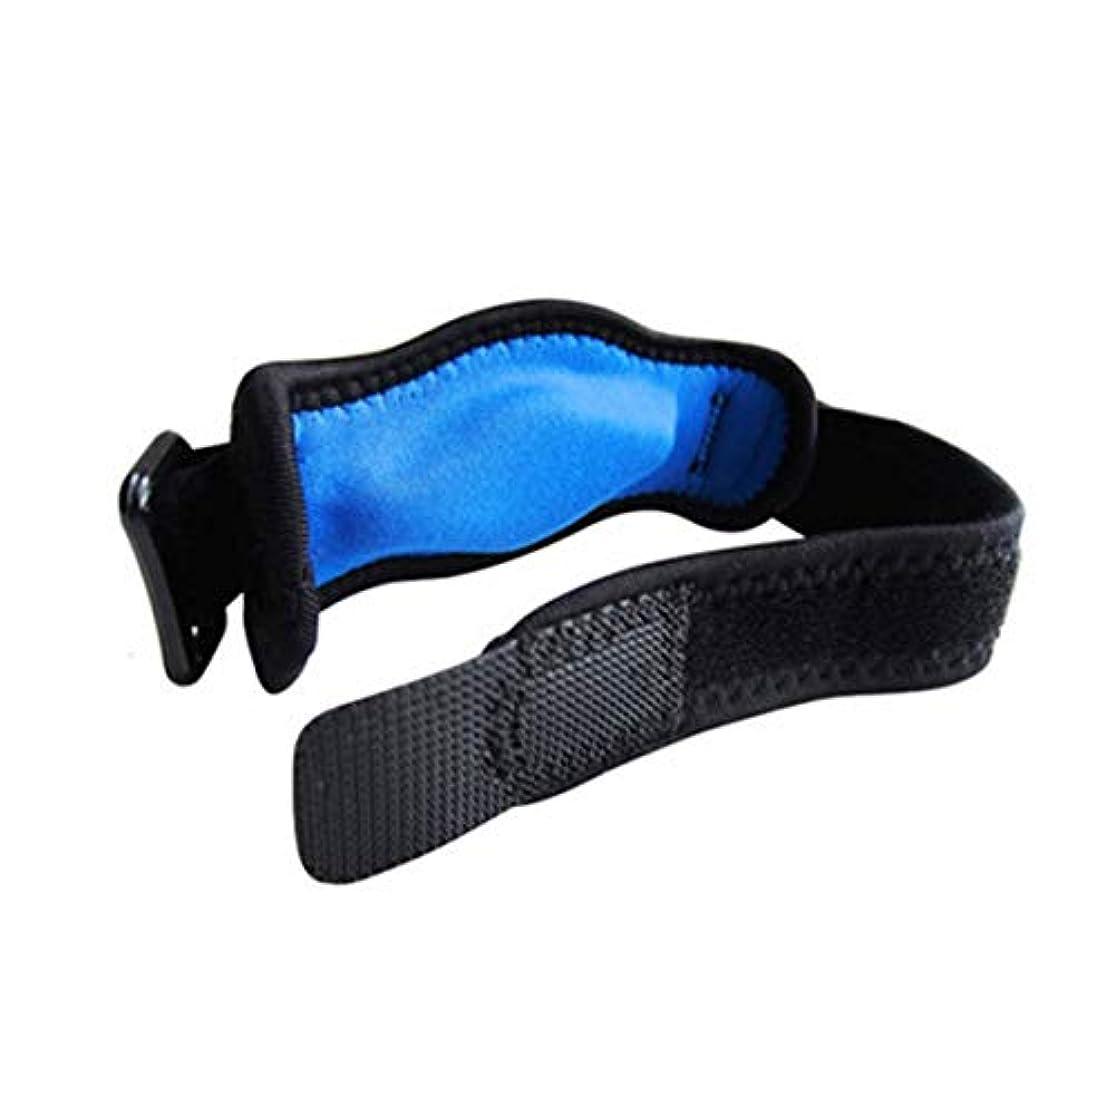 ショートカット平和引き渡す調節可能なテニス肘サポートストラップブレースゴルフ前腕痛み緩和 - 黒